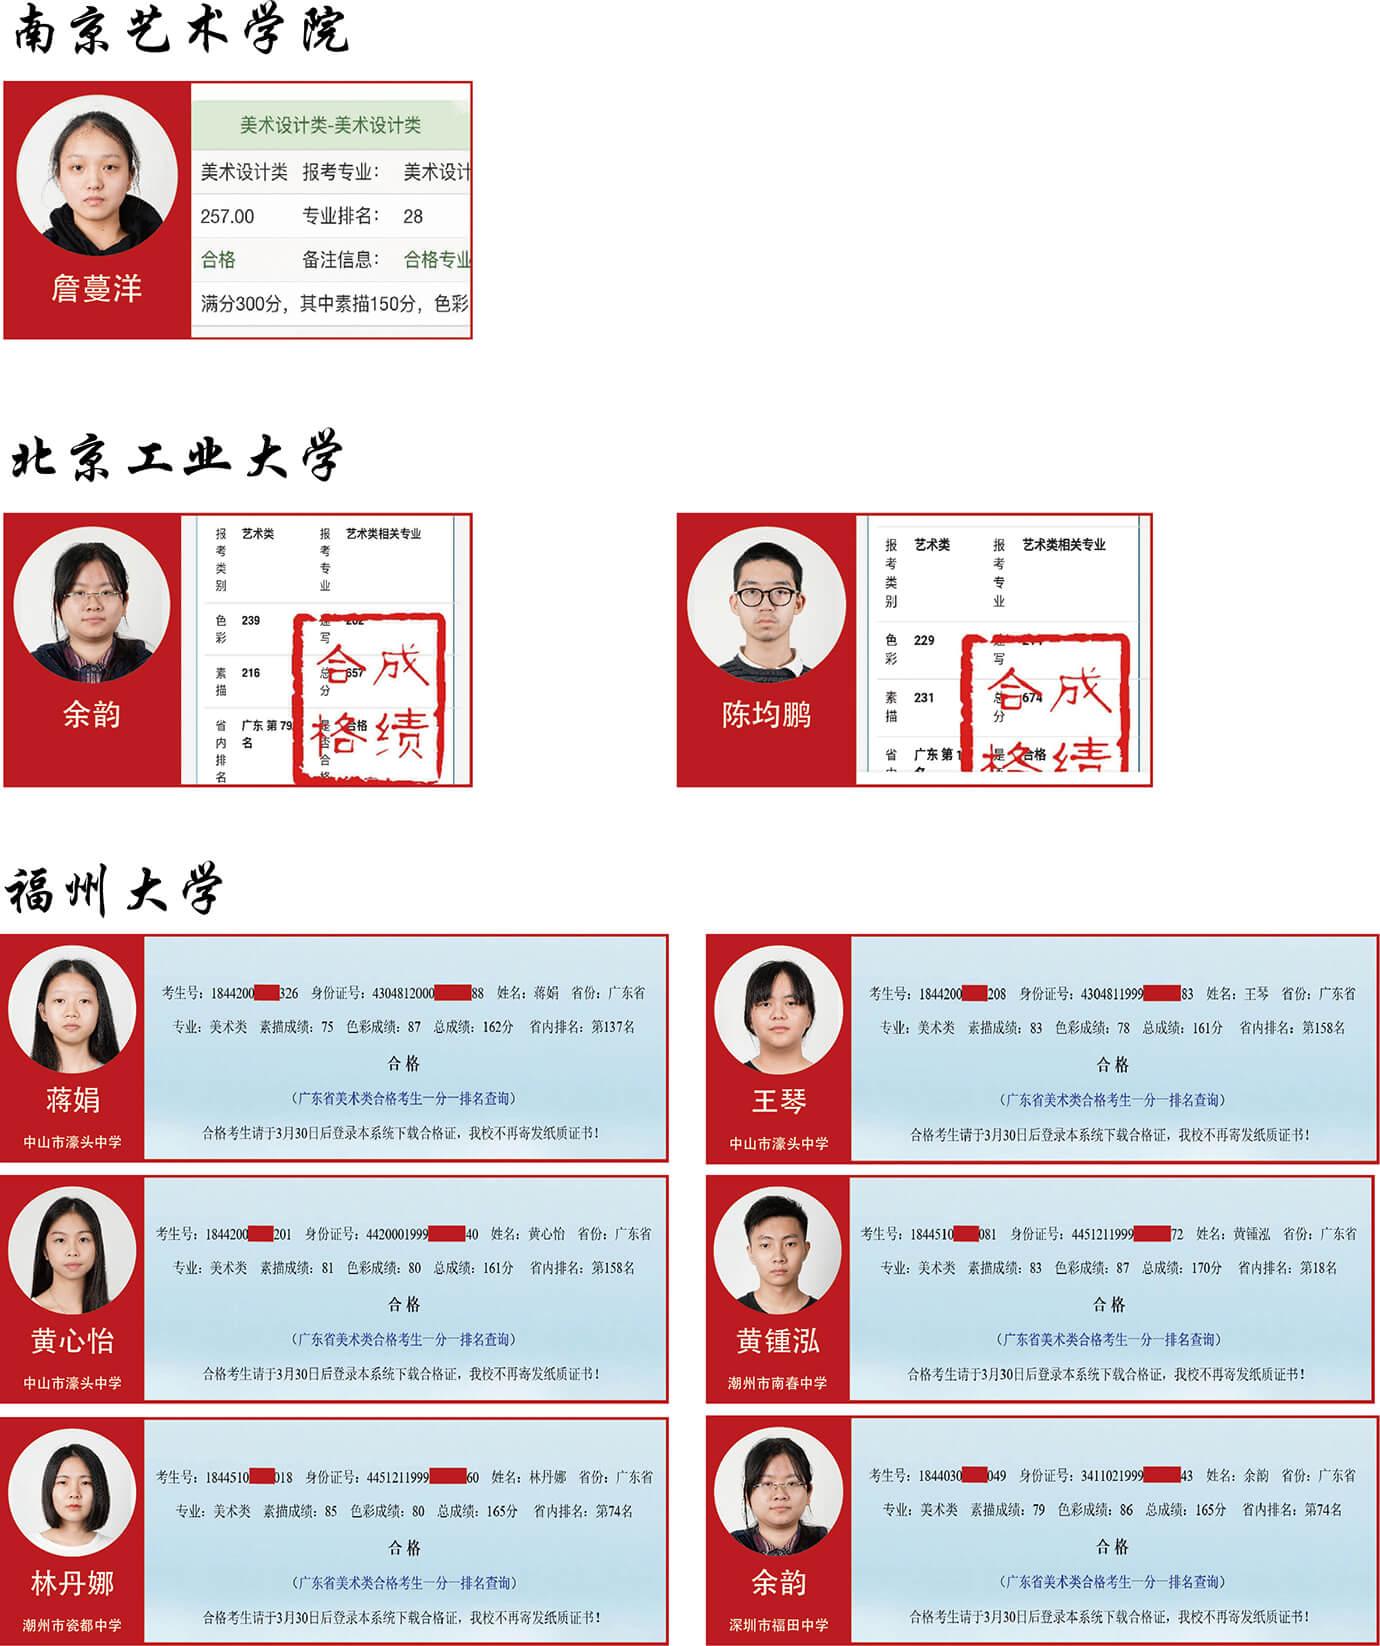 广州美术高考培训成绩,广州美术培训,广州画室成绩